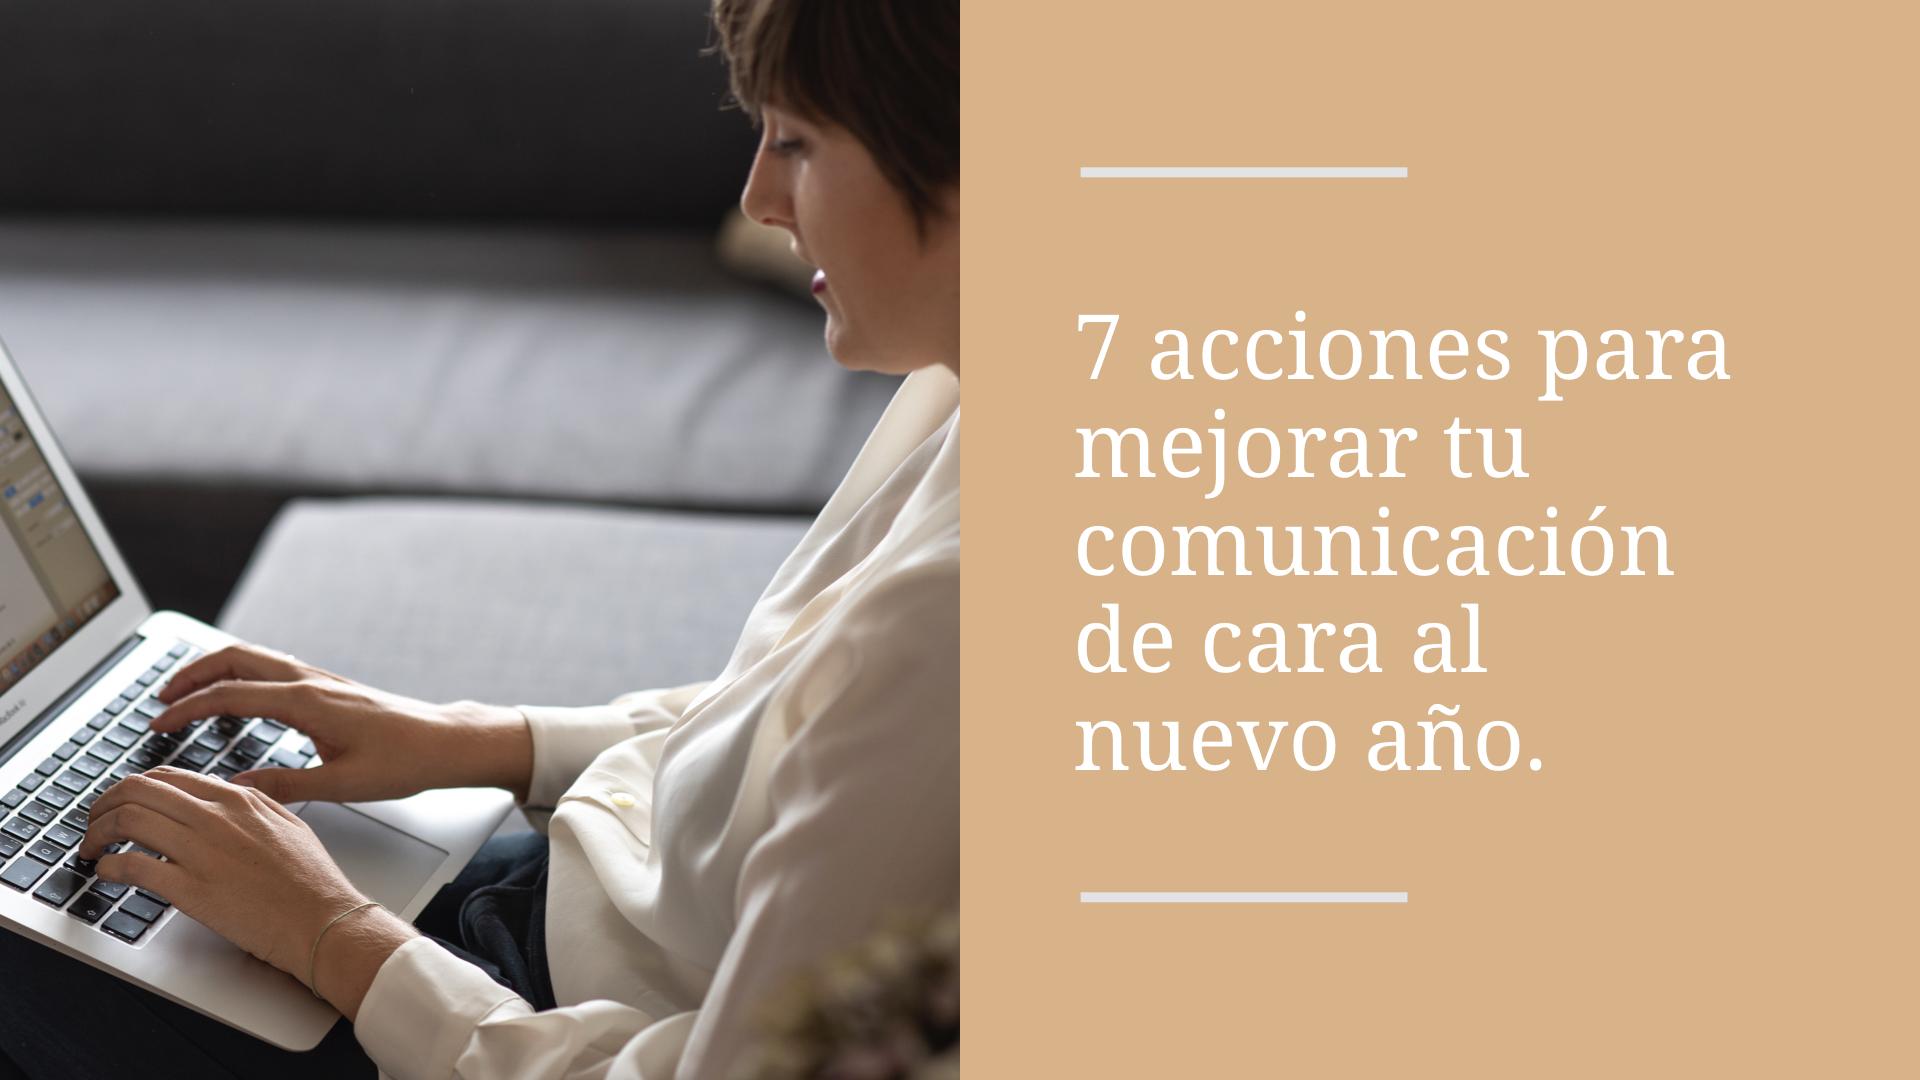 7 acciones para mejorar tu comunicación de cara al nuevo año